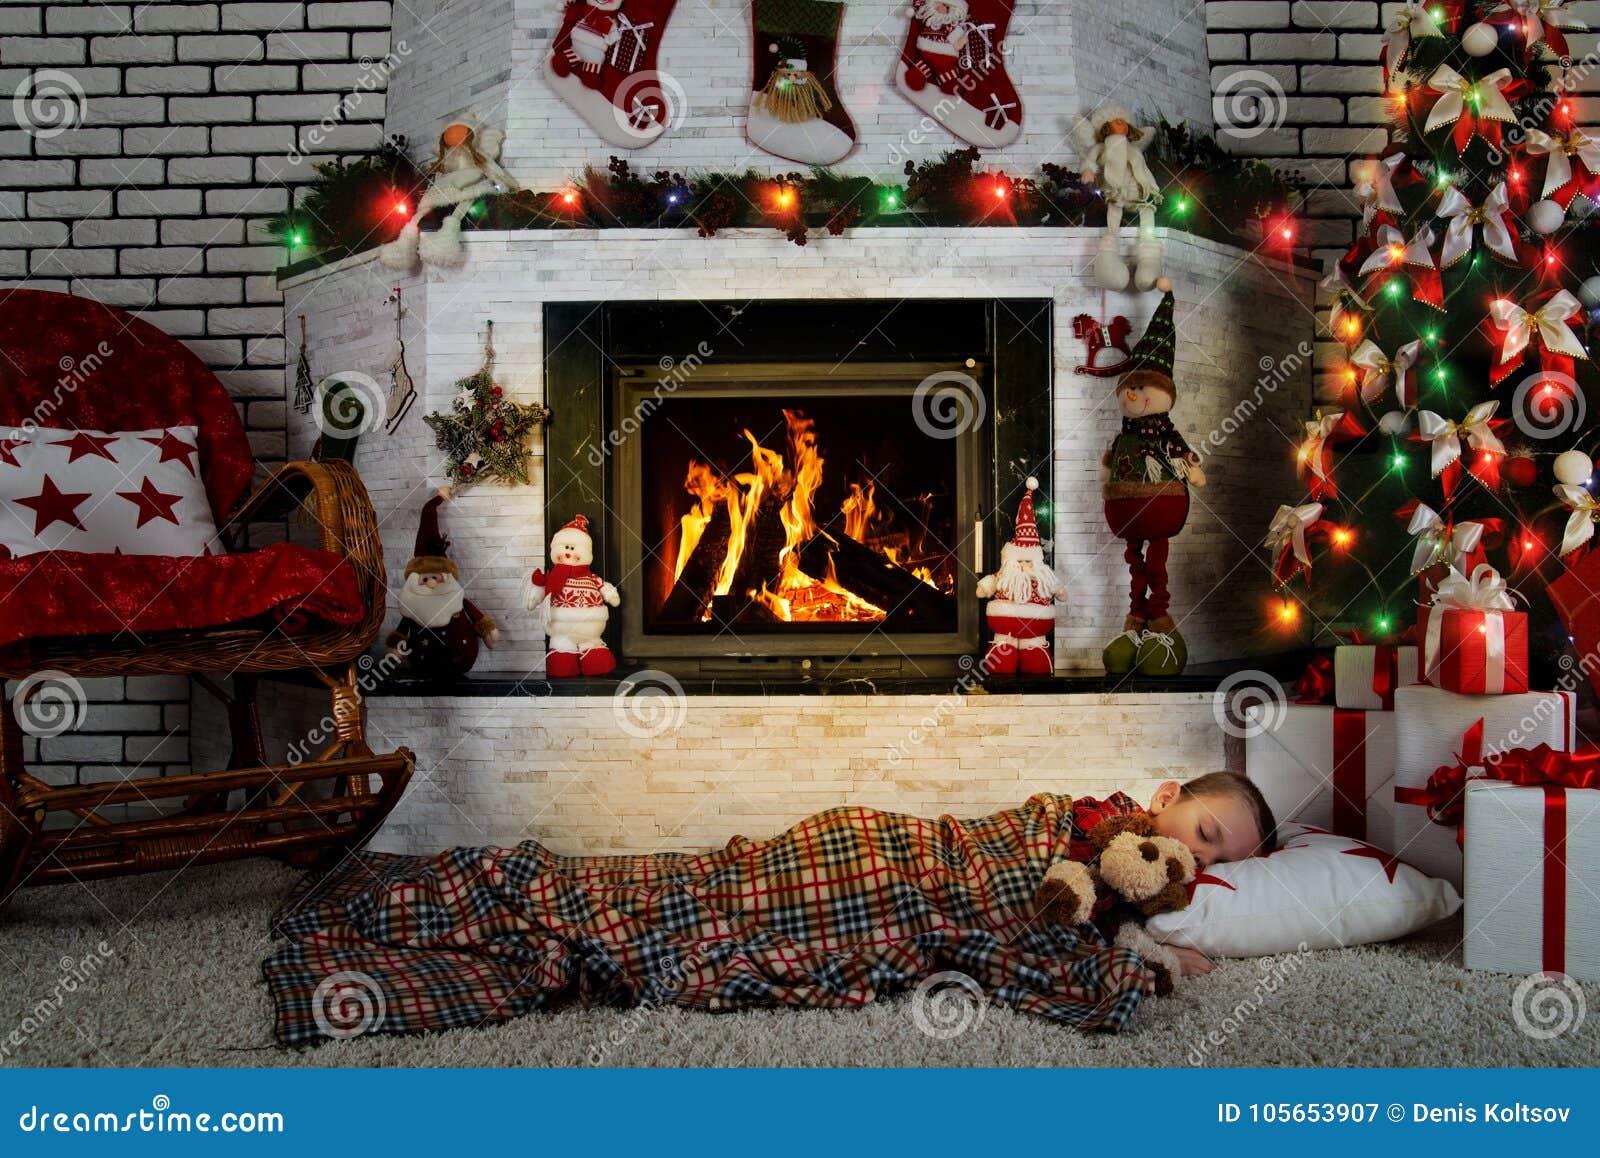 Un petit garçon dort avec un chien de jouet sous un arbre de Noël dans une chambre avec une cheminée brûlante